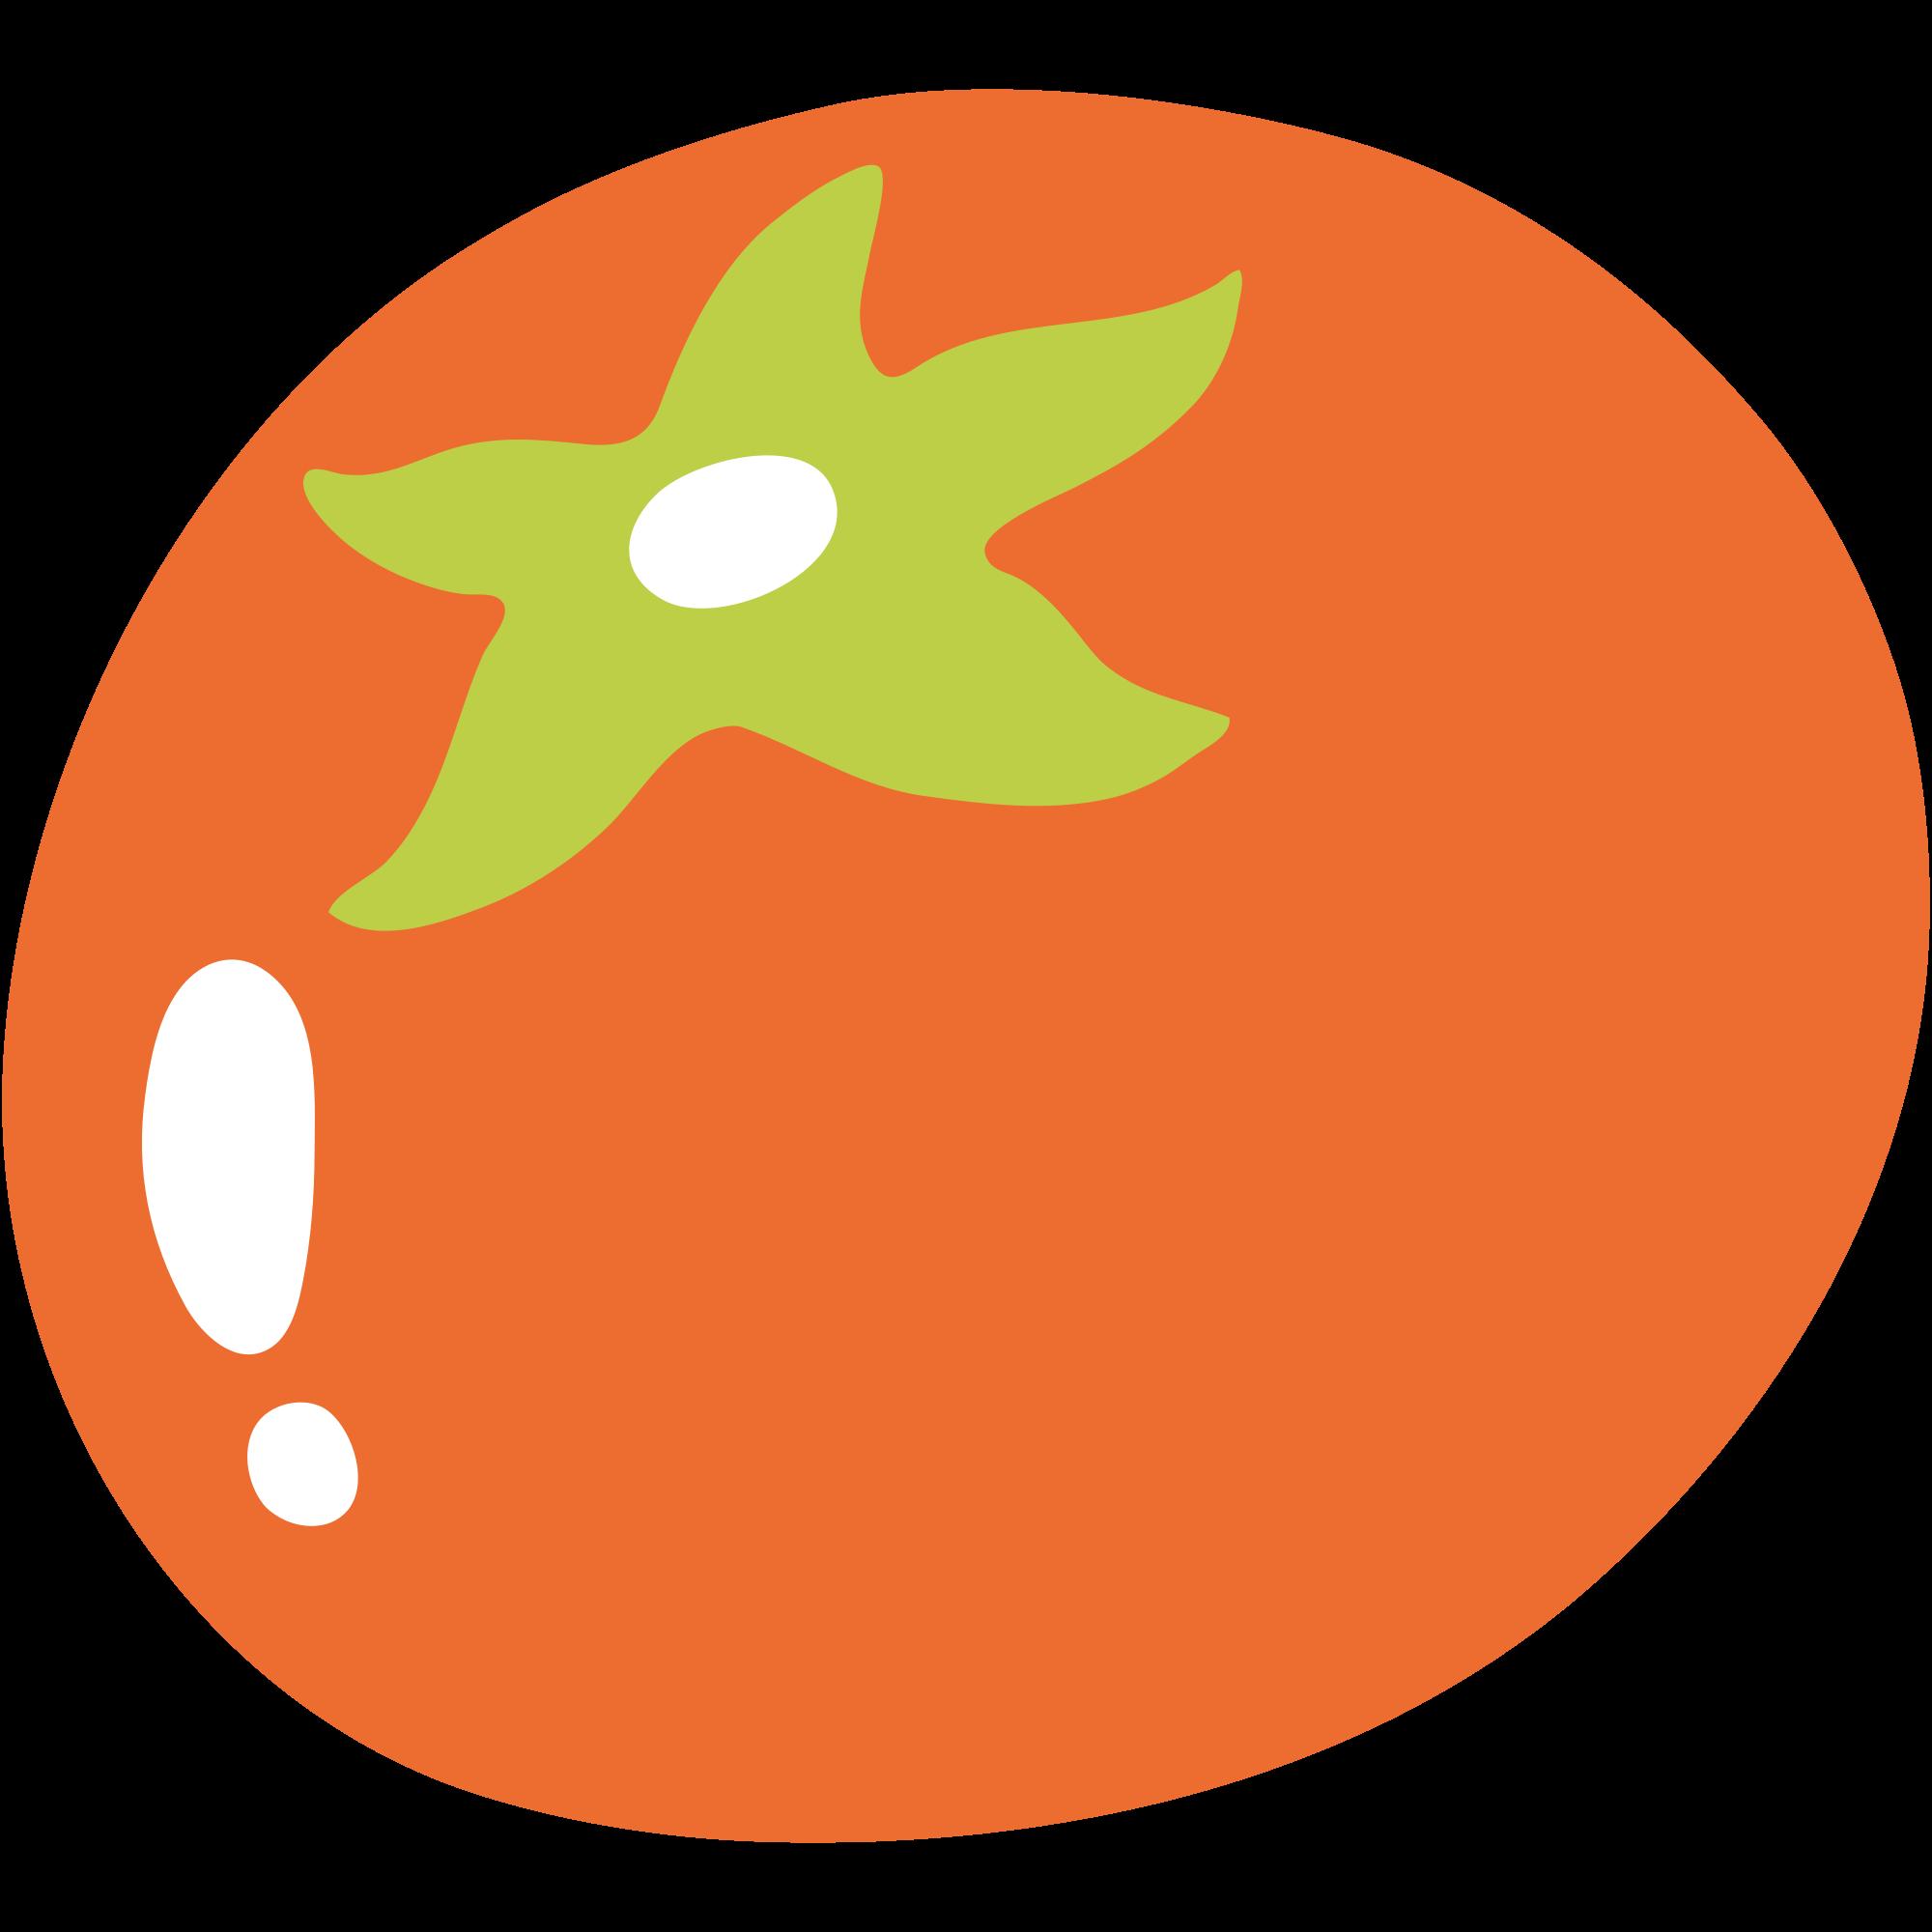 File:Noto Project Tomato Emoji.svg.